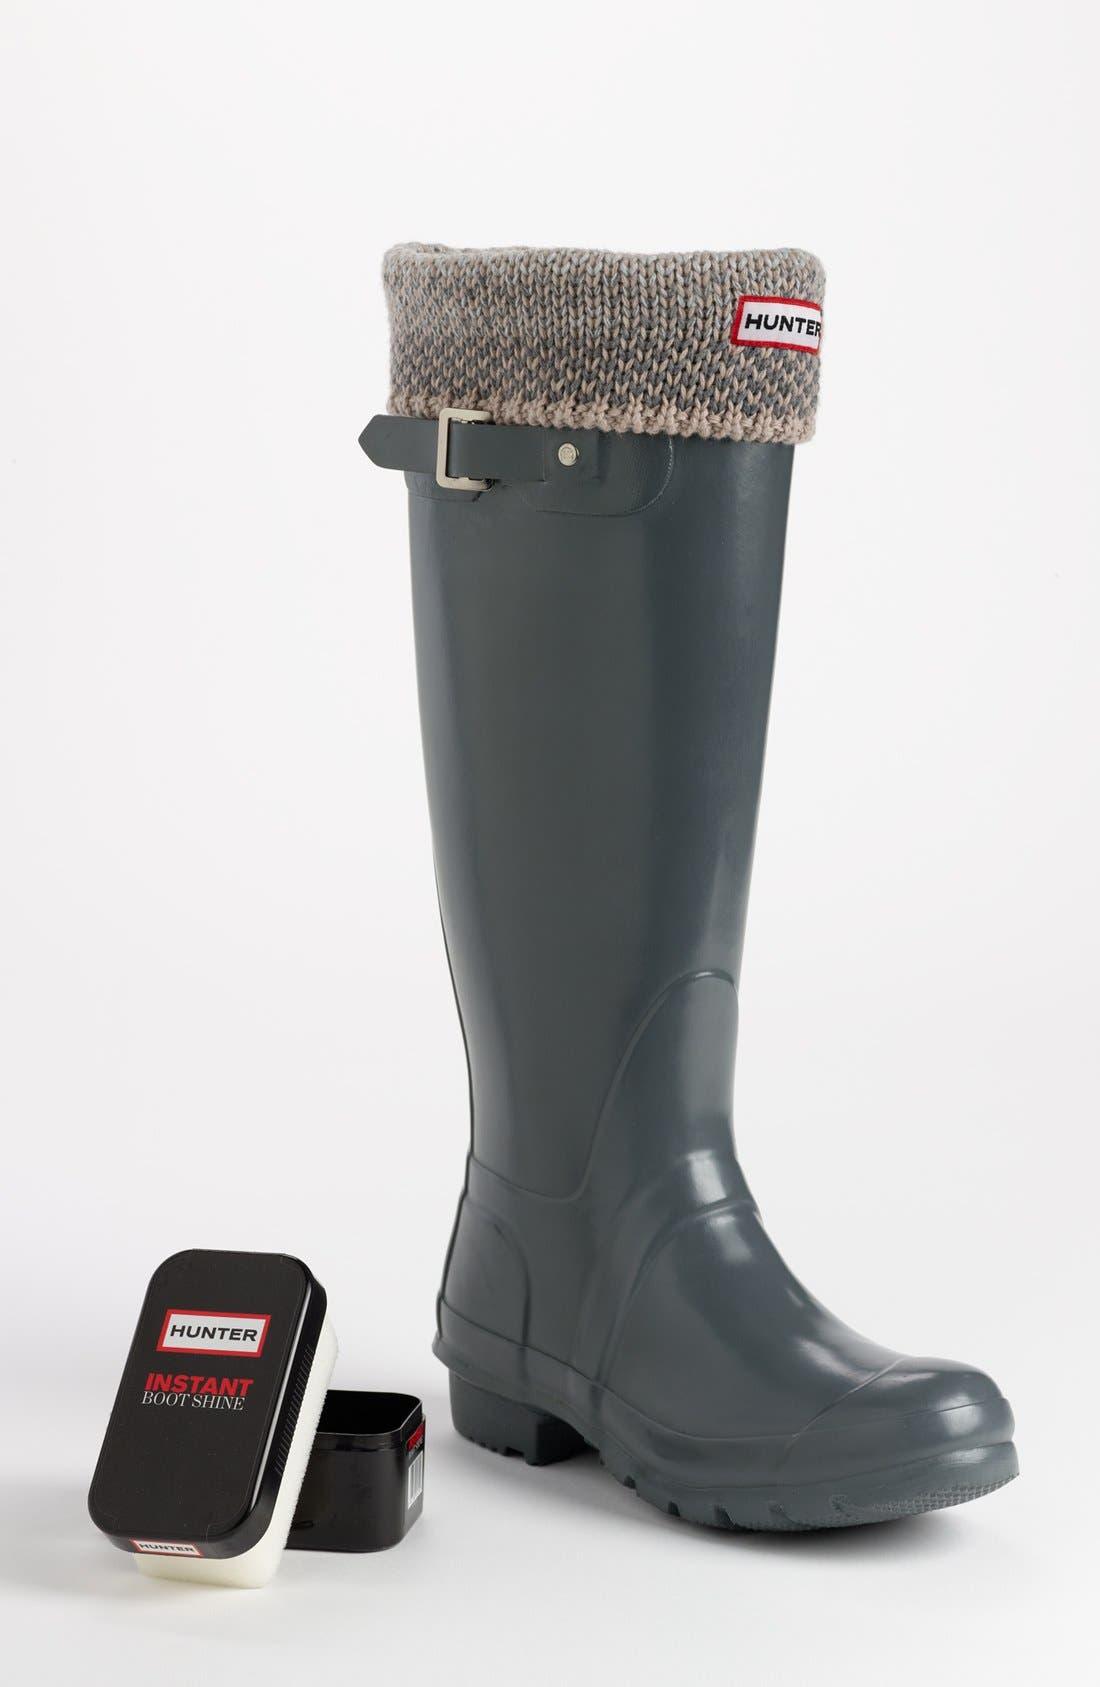 Alternate Image 1 Selected - Hunter 'Original Tall' Gloss Rain Boot, Welly Socks & Instant Boot Shine Sponge